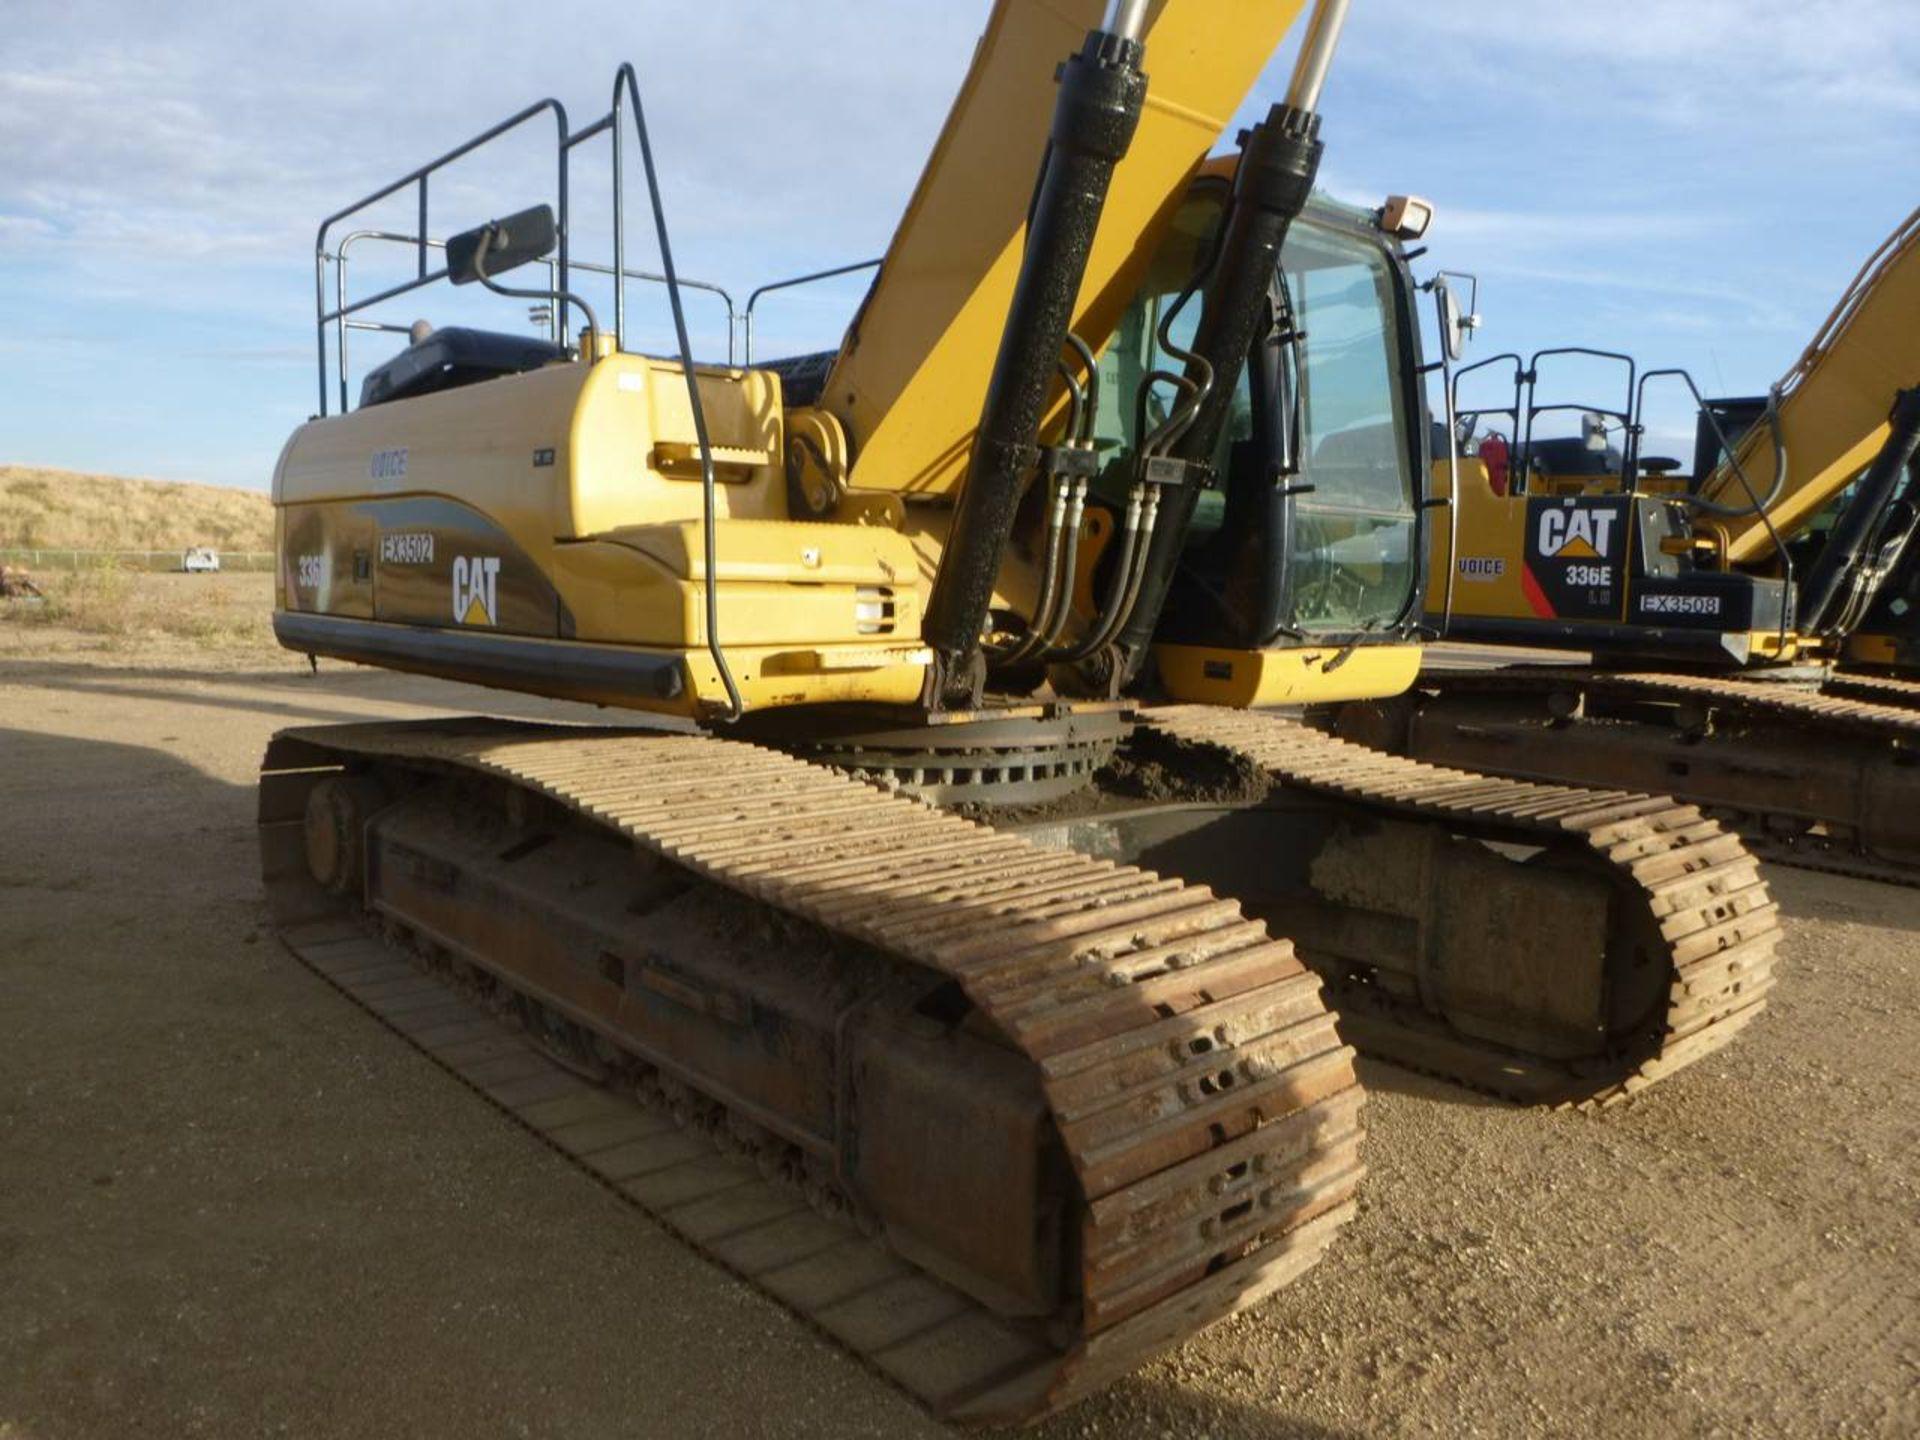 2010 Caterpillar 336D L Excavator - Image 3 of 13